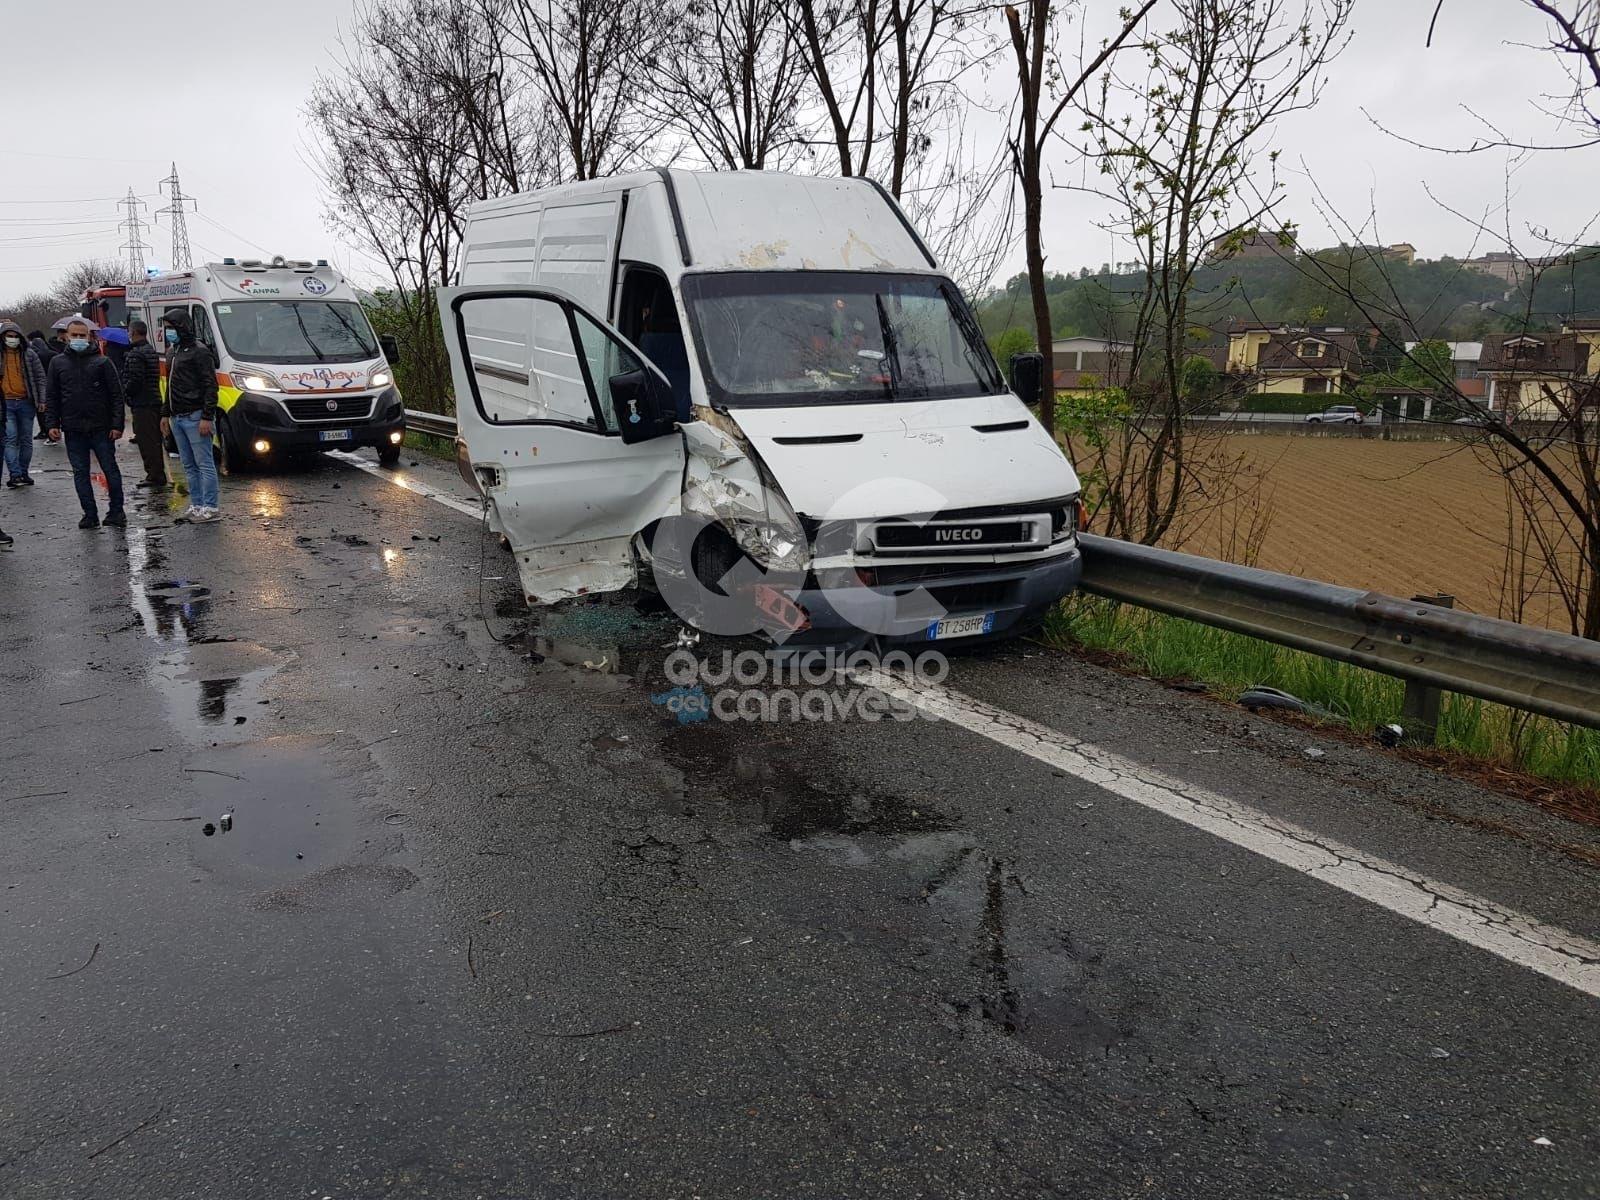 LOMBARDORE - Un altro incidente sulla 460: tre persone in ospedale. Lo scontro tra un furgone e due vetture - FOTO